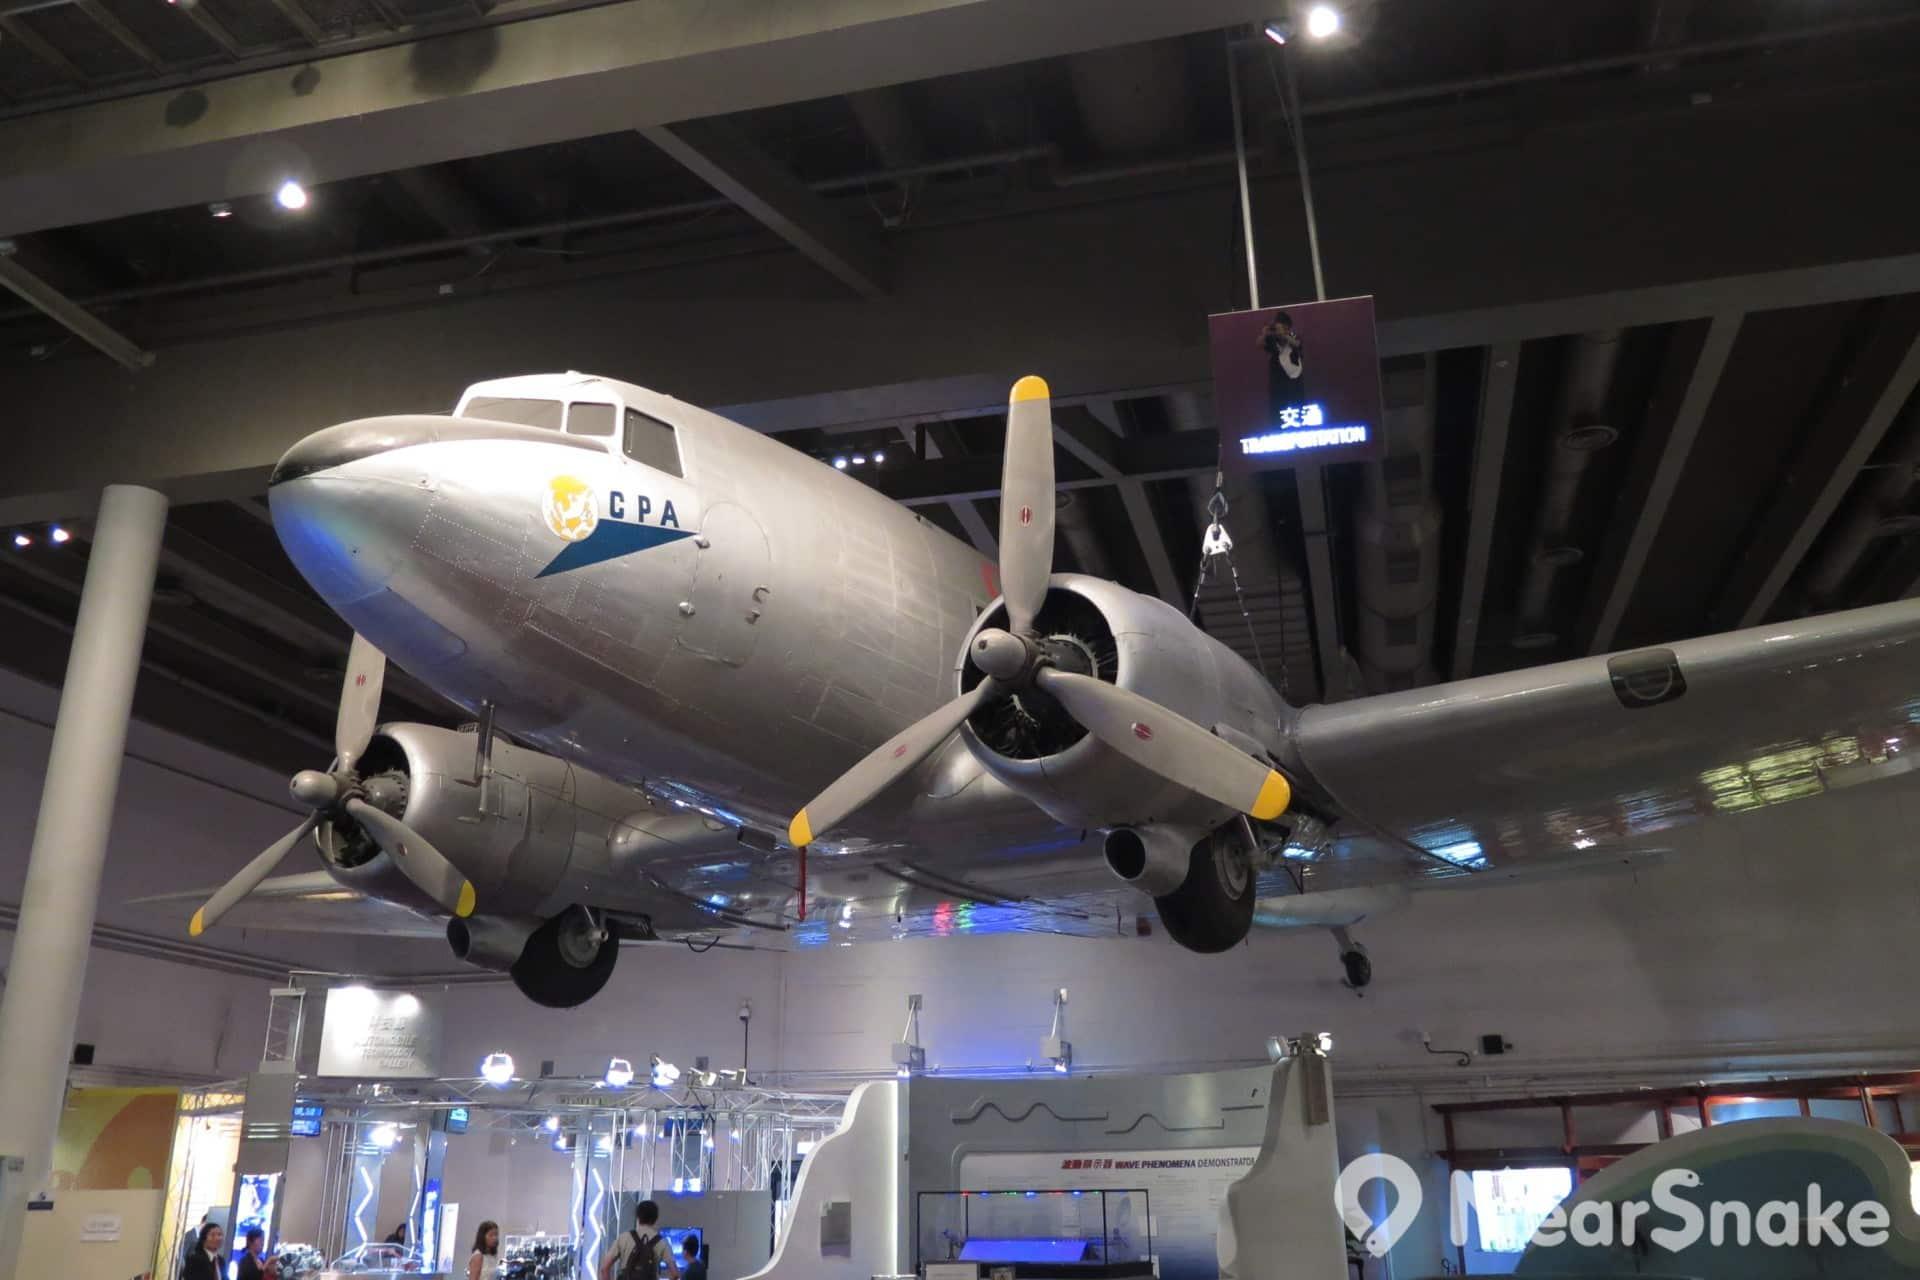 位於二樓的飛機是國泰航空的退役機種,更為科學館首項展品呢!